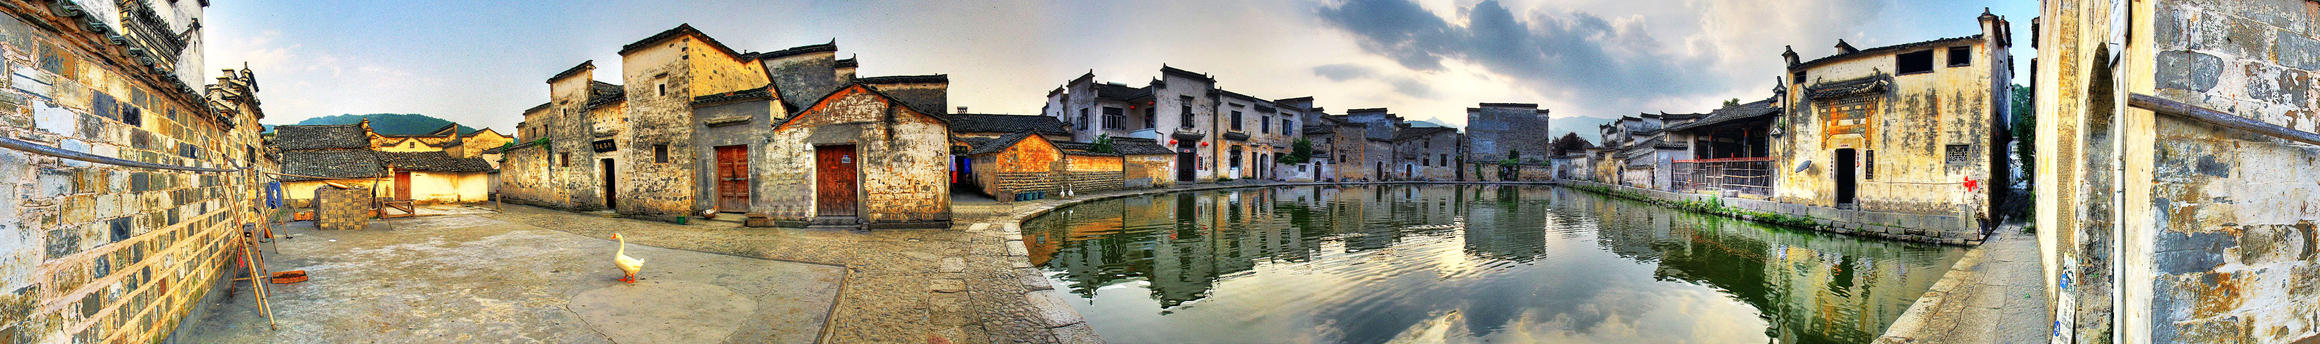 Hongcun Anhui by davidmcb